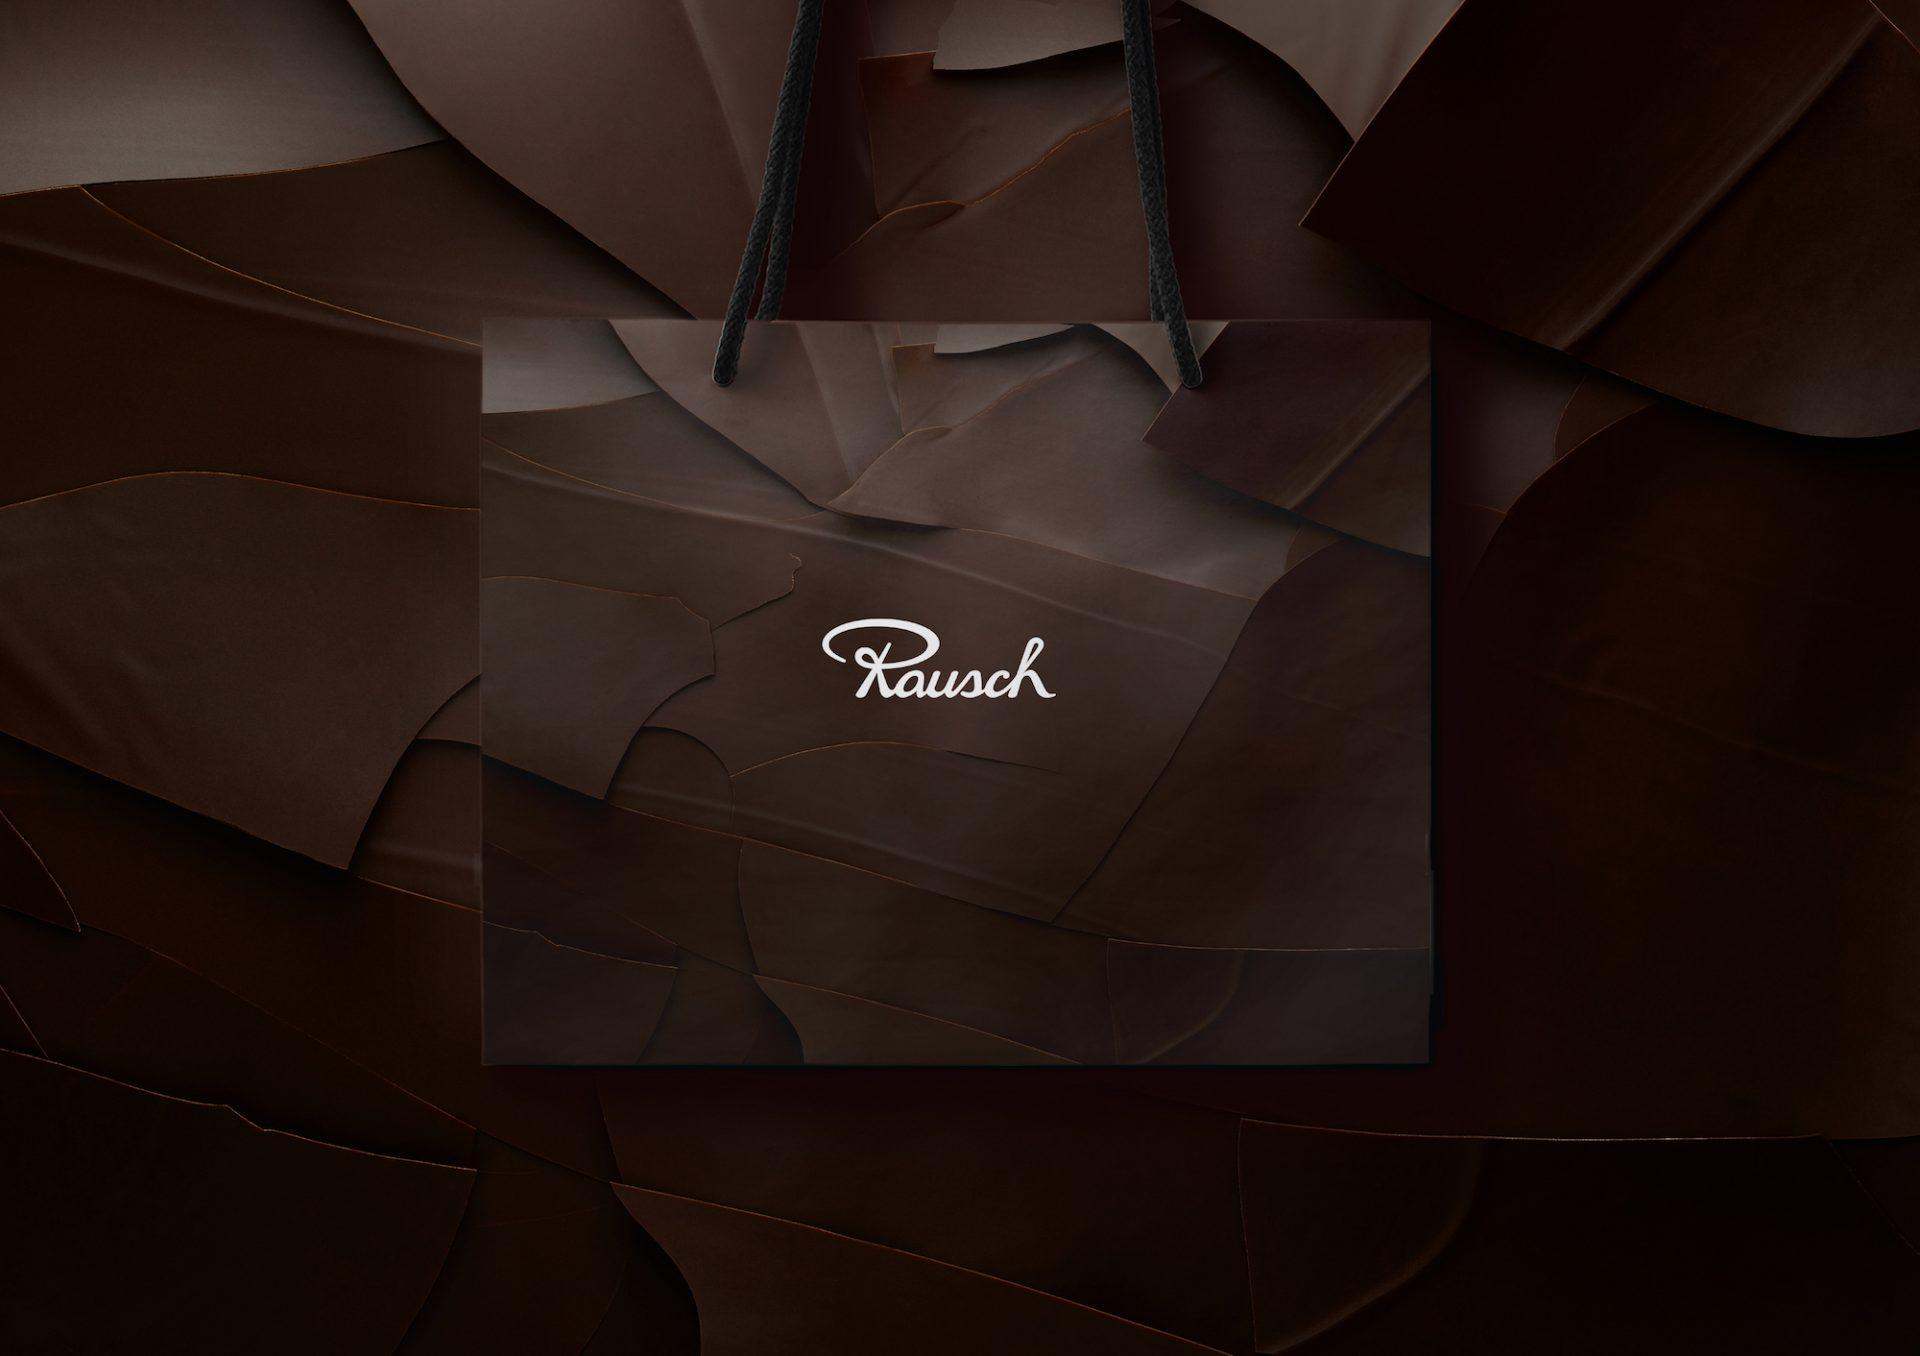 Als Teil des neuen Brand Designs der Marke Rausch hat Realgestalt gemeinsam mit dem Fotografen Attila Hartwig neue Verpackungen gestaltet – hier eine Tragetasche.